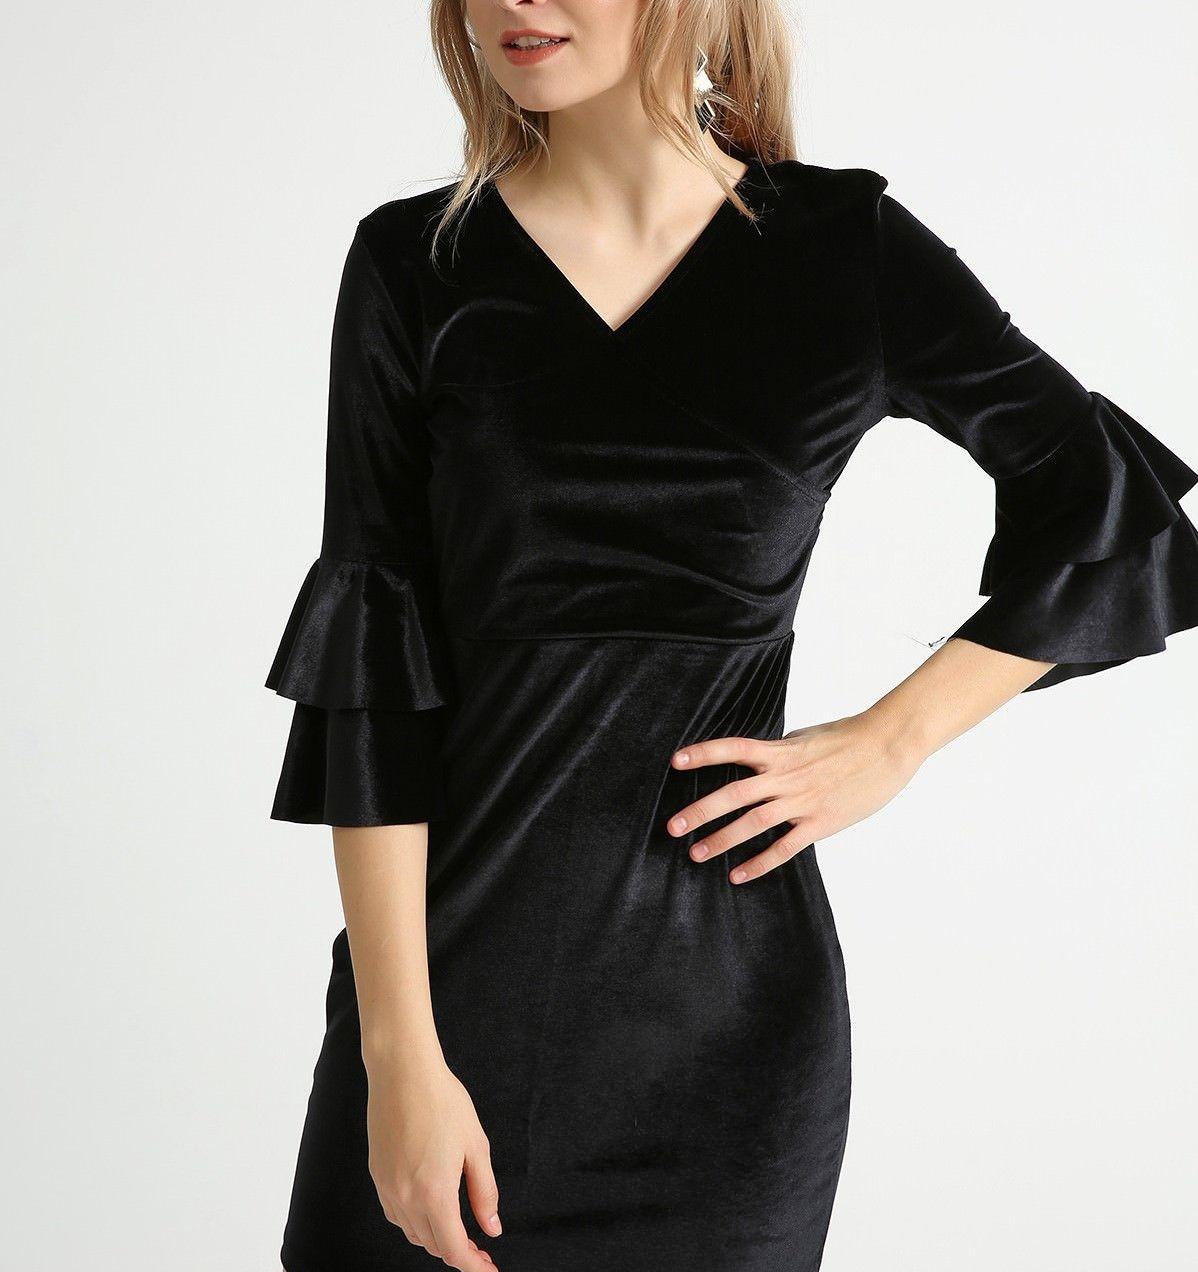 مدل لباس کوتاه مجلسی با پارچه مخمل